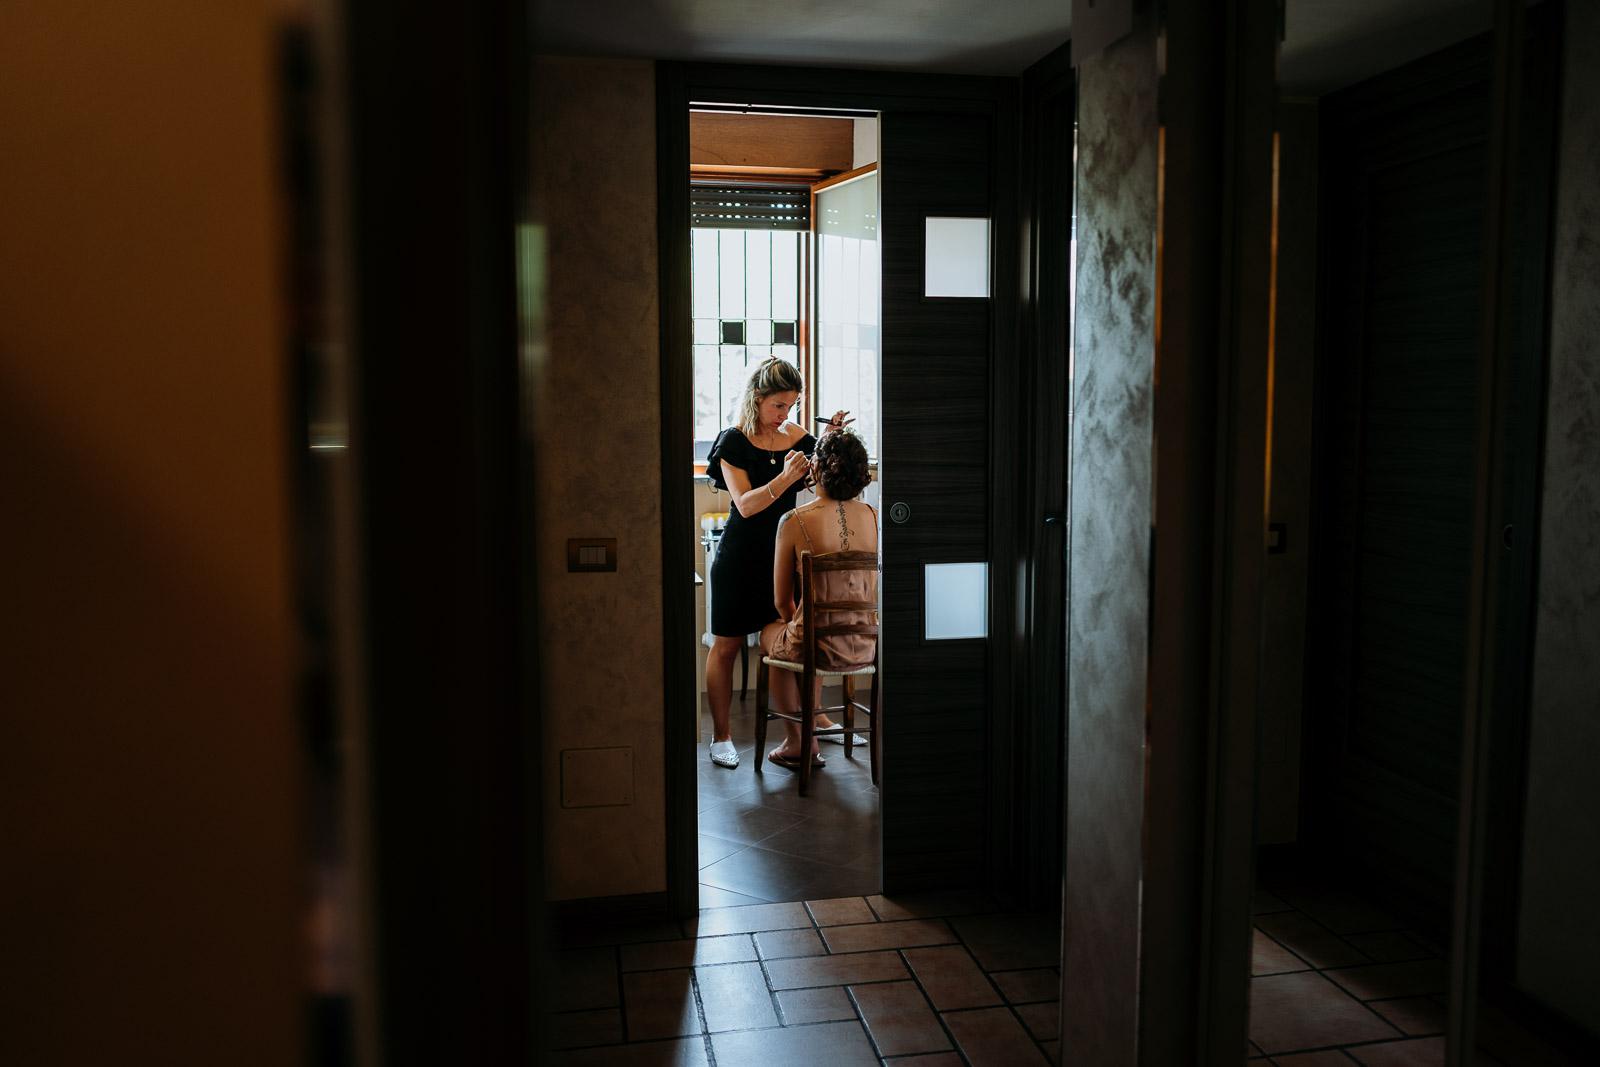 Fotografo di Matrimonio a Brugherio in Brianza. Location: Corte Rustica Borromeo a Oreno. Roberta e Manuel, sposi. Max Allegritti, Fotografo Professionista di matrimonio a Milano e Monza Brianza